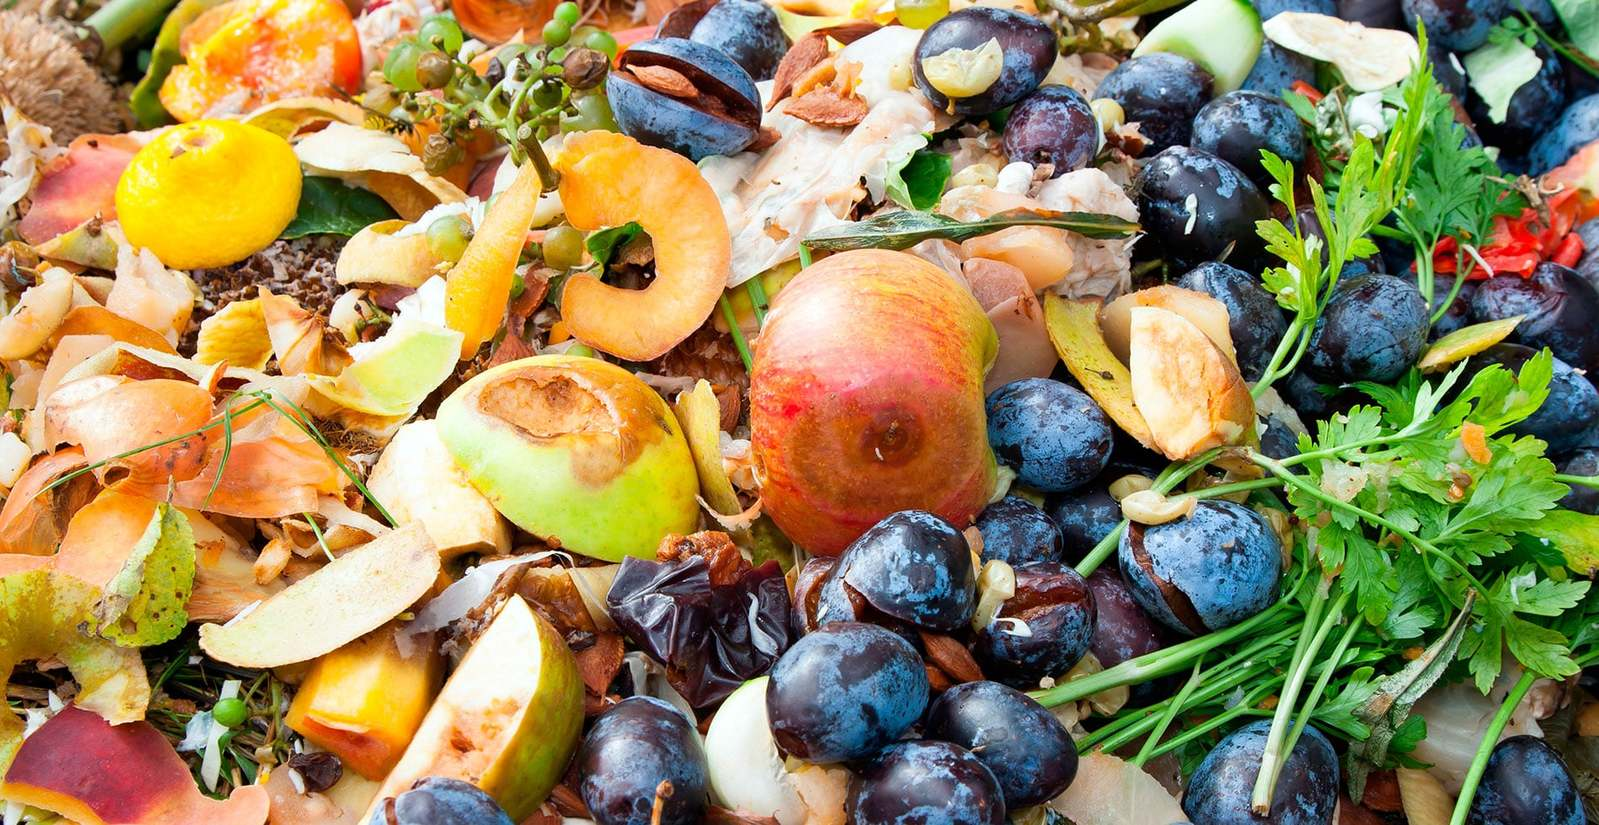 Concurso de recetas de cocina contra el desperdicio alimentario